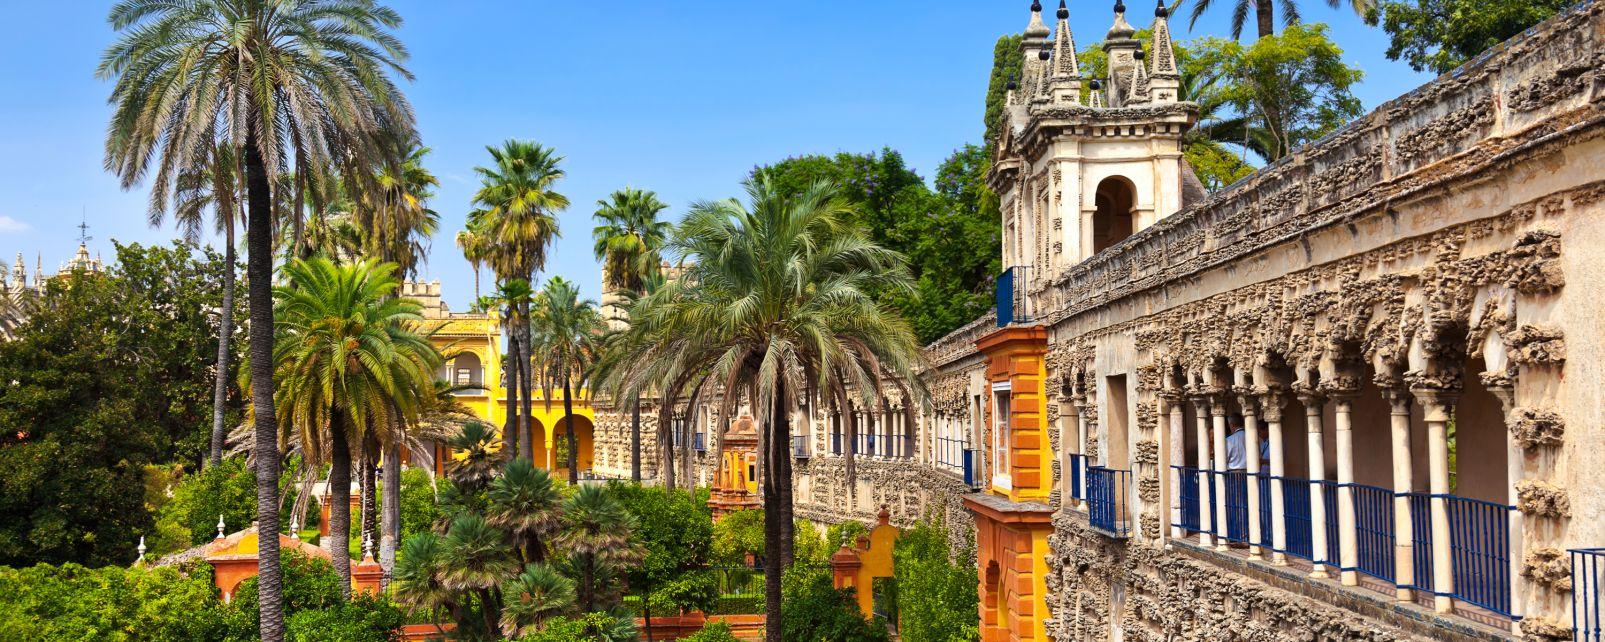 Le palais de l'Alcazar à Séville , Espagne